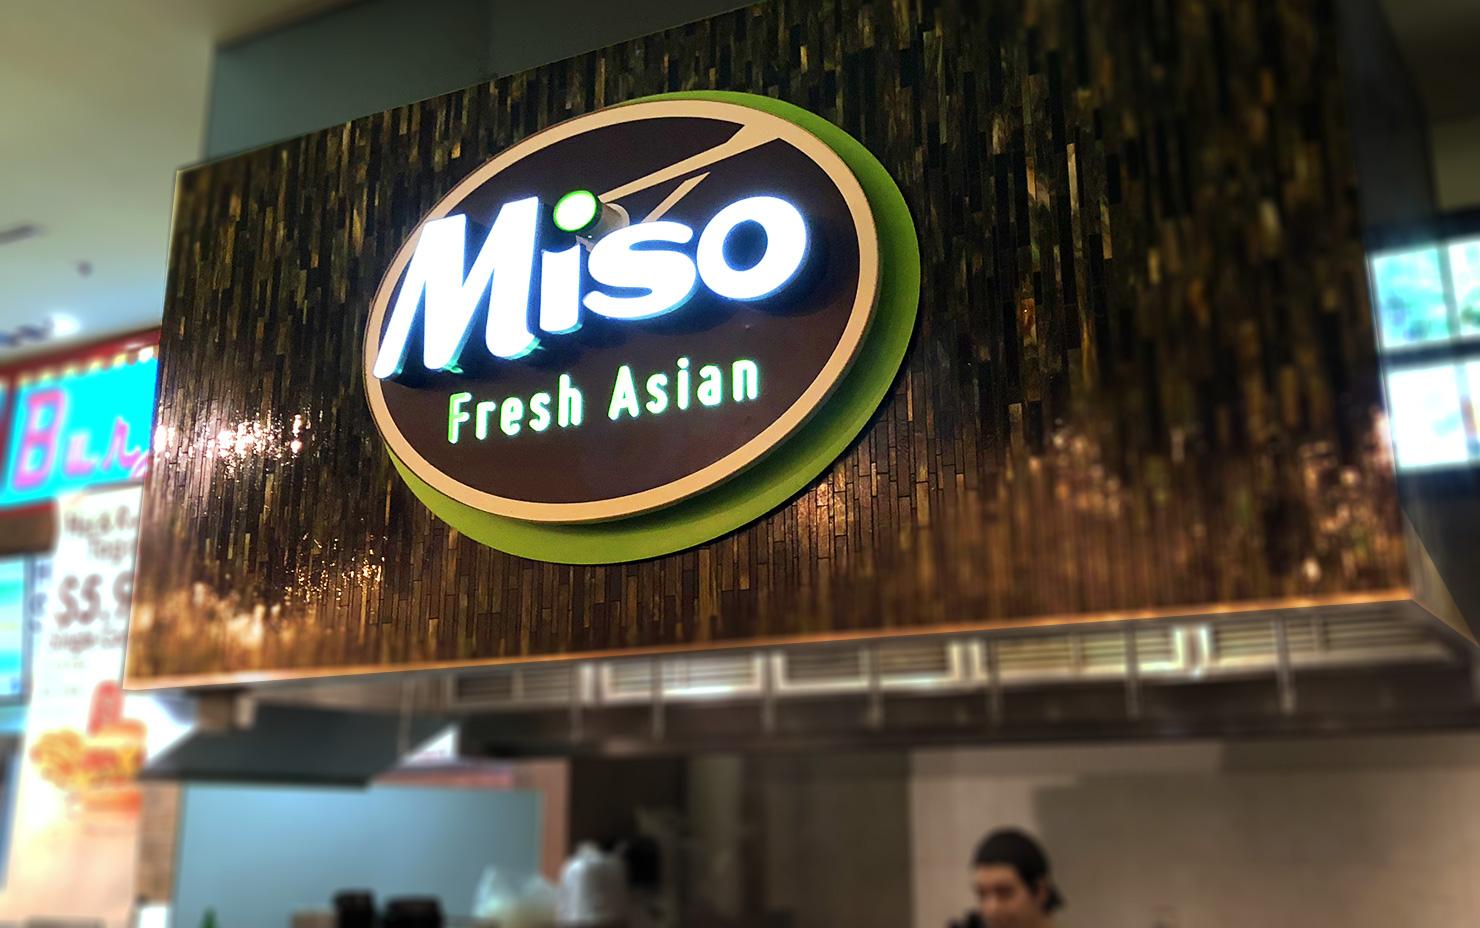 Miso Fresh Asian signage